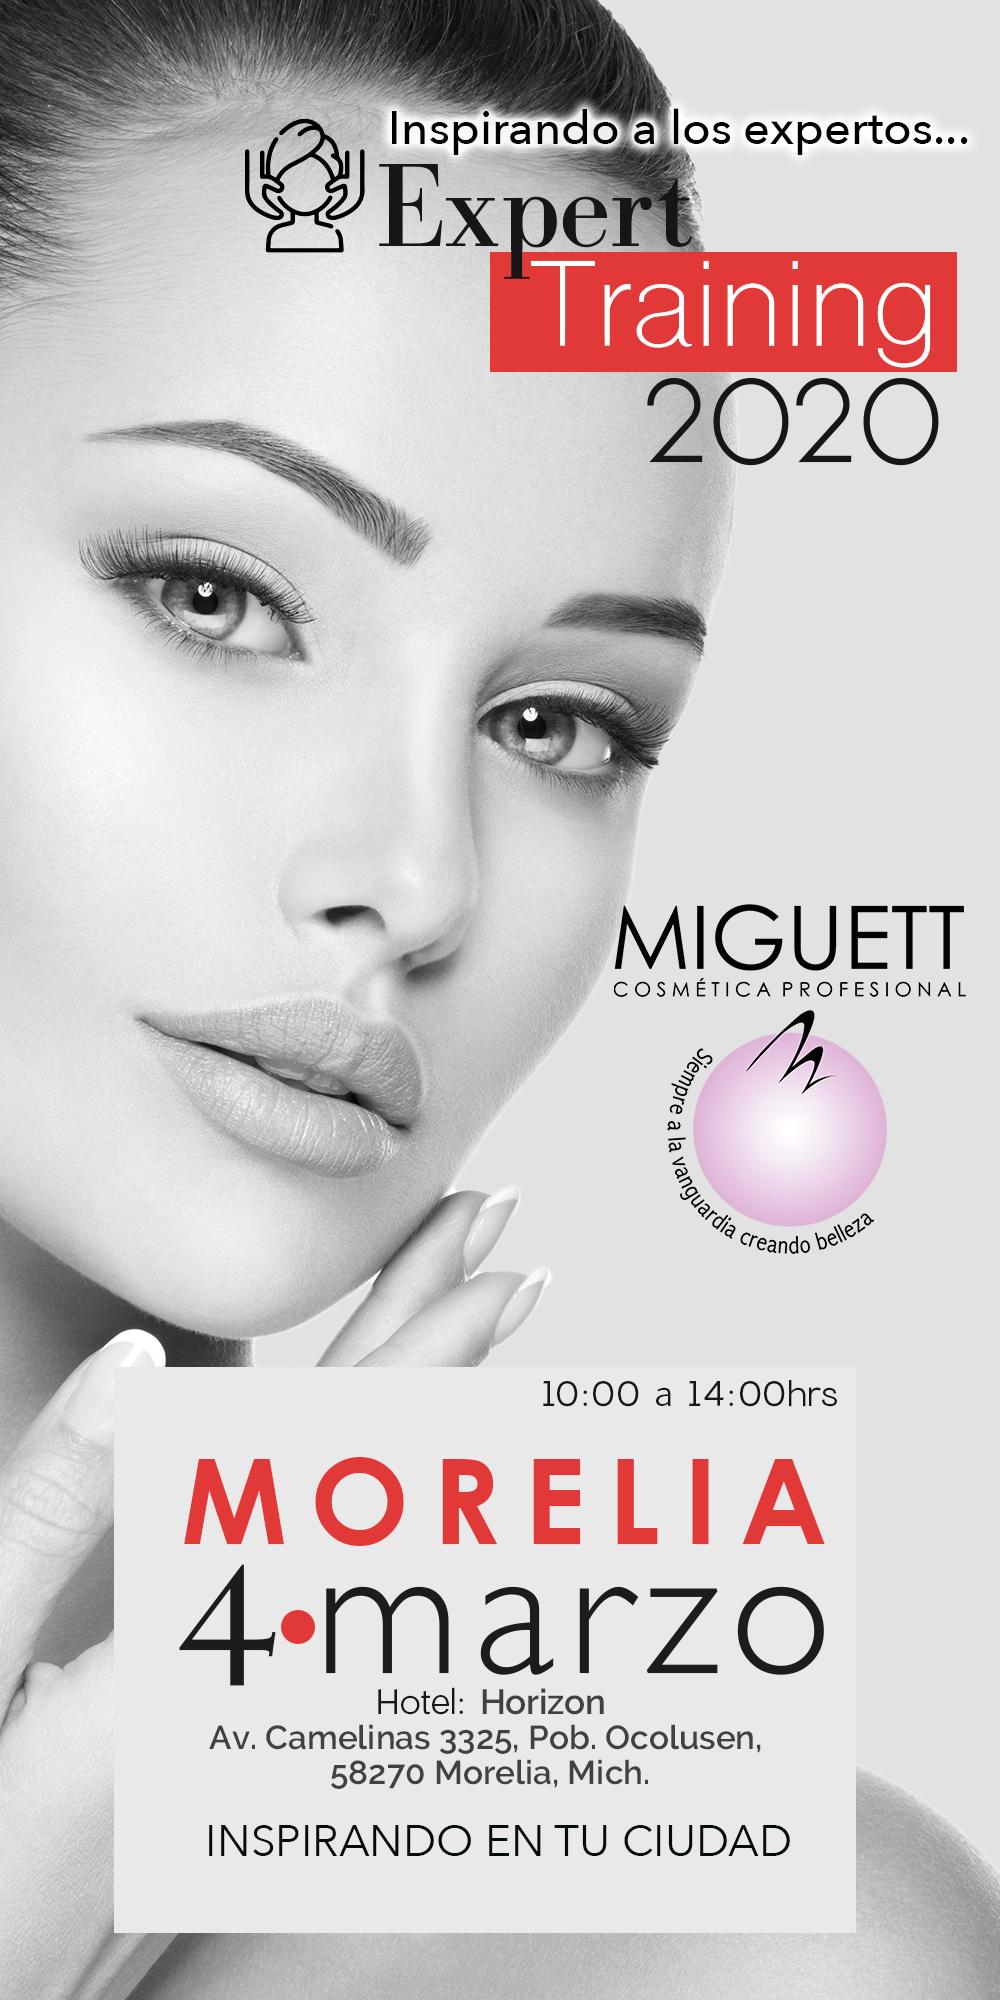 morelia 1